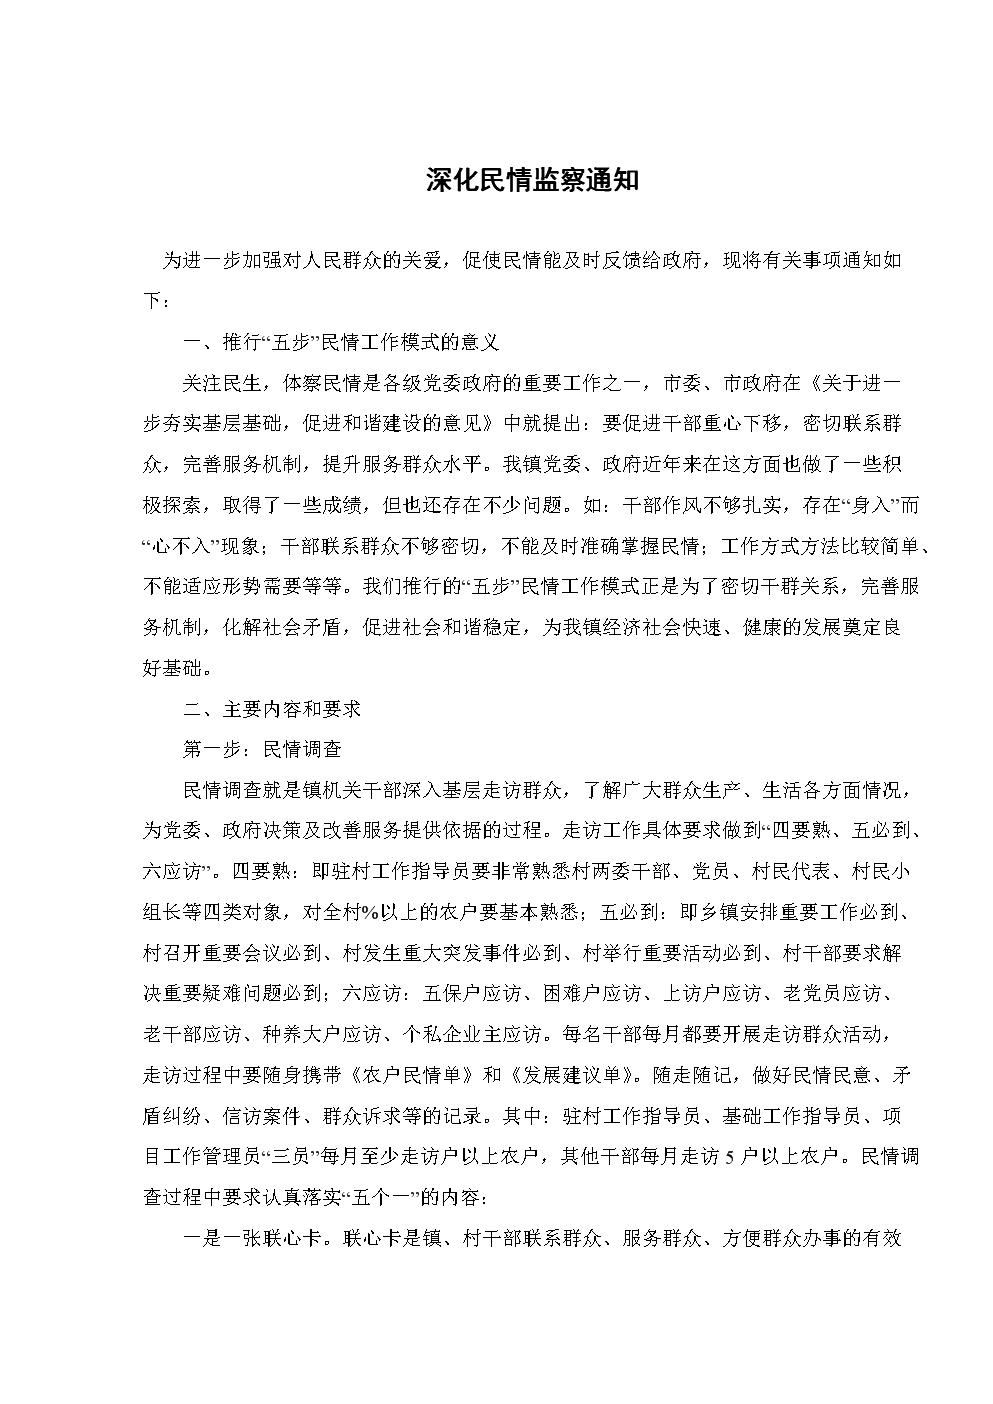 深化民情监察通知-最新范文.doc